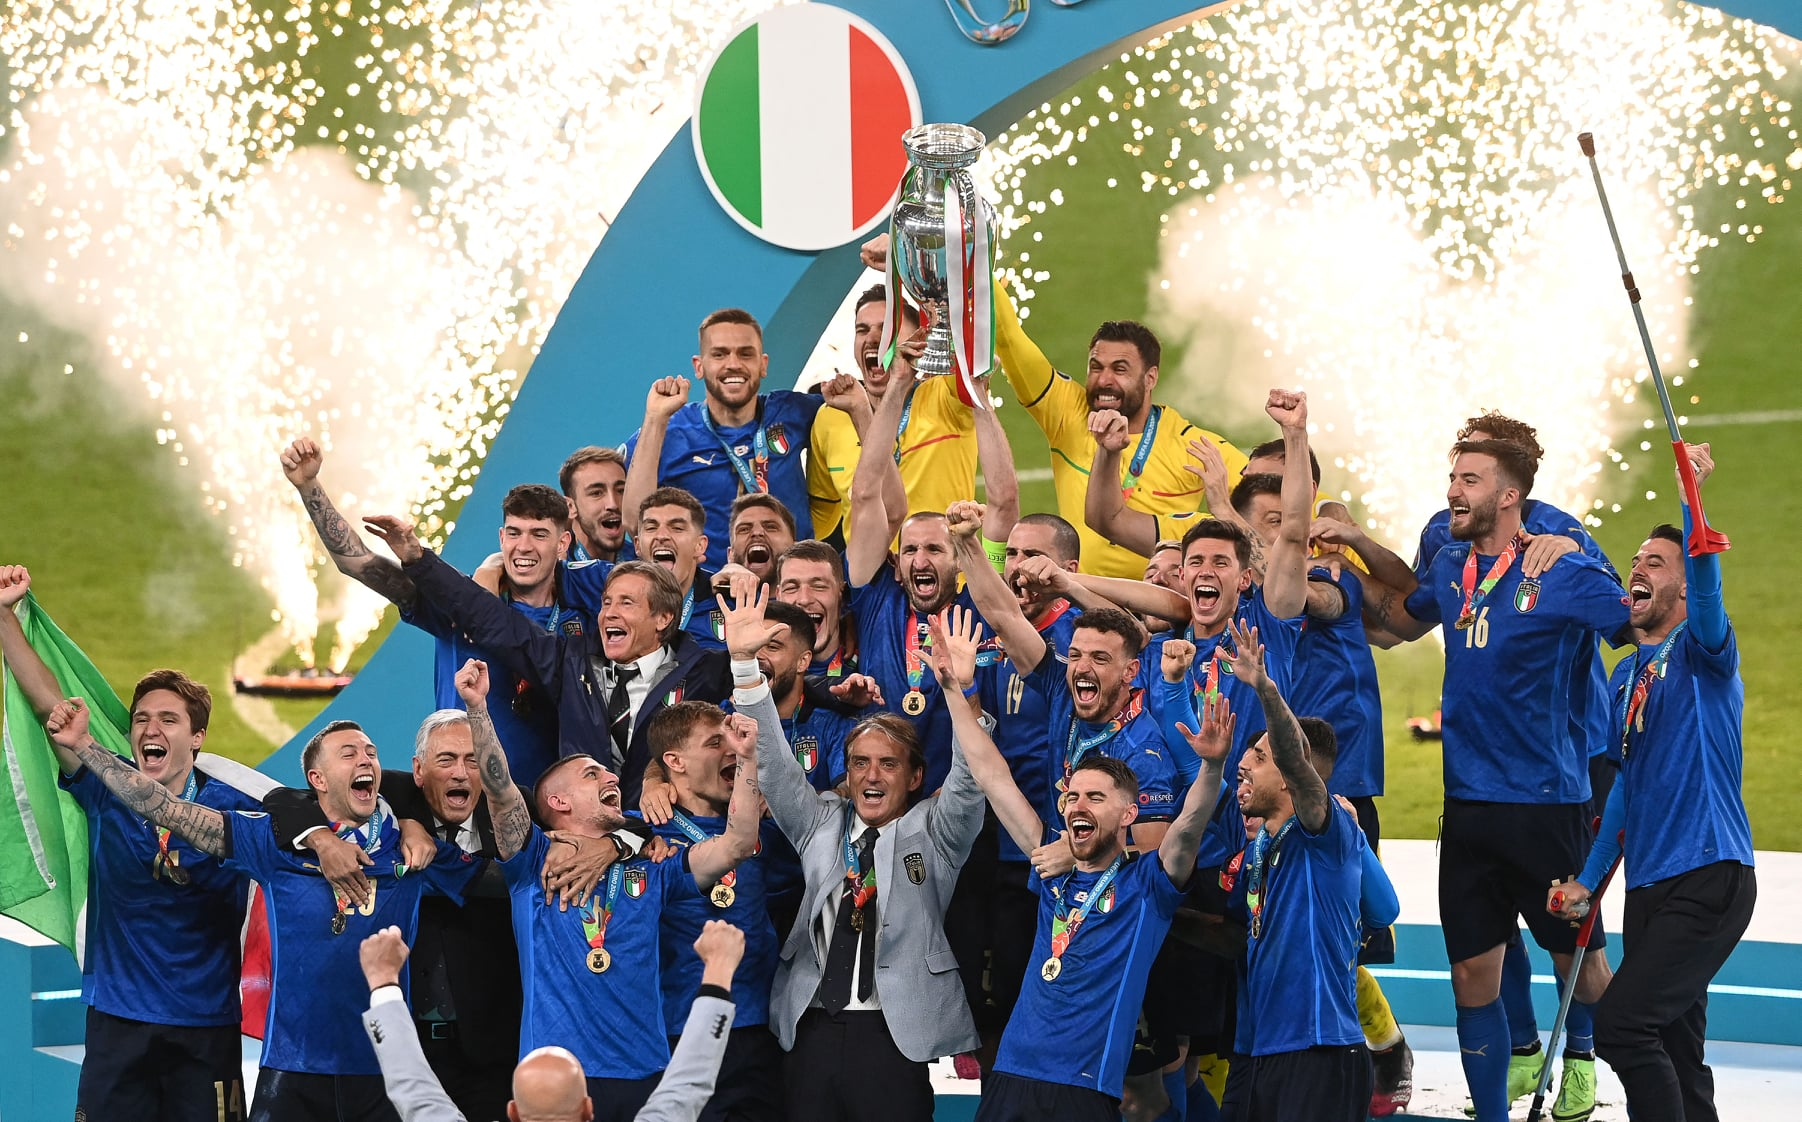 ทีมชาติอังกฤษ ทีมชาติอิตาลี ฟุตบอลยูโร 2020